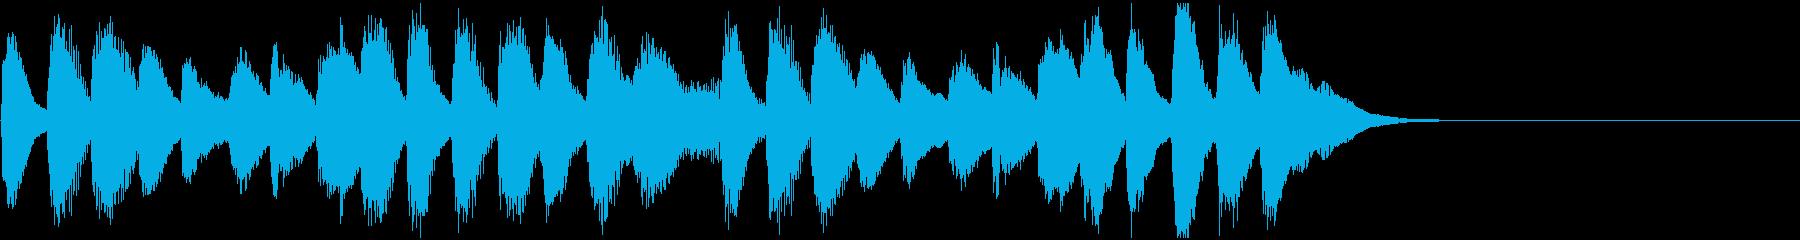 ふんわりほのぼのとしたピアノのジングルの再生済みの波形